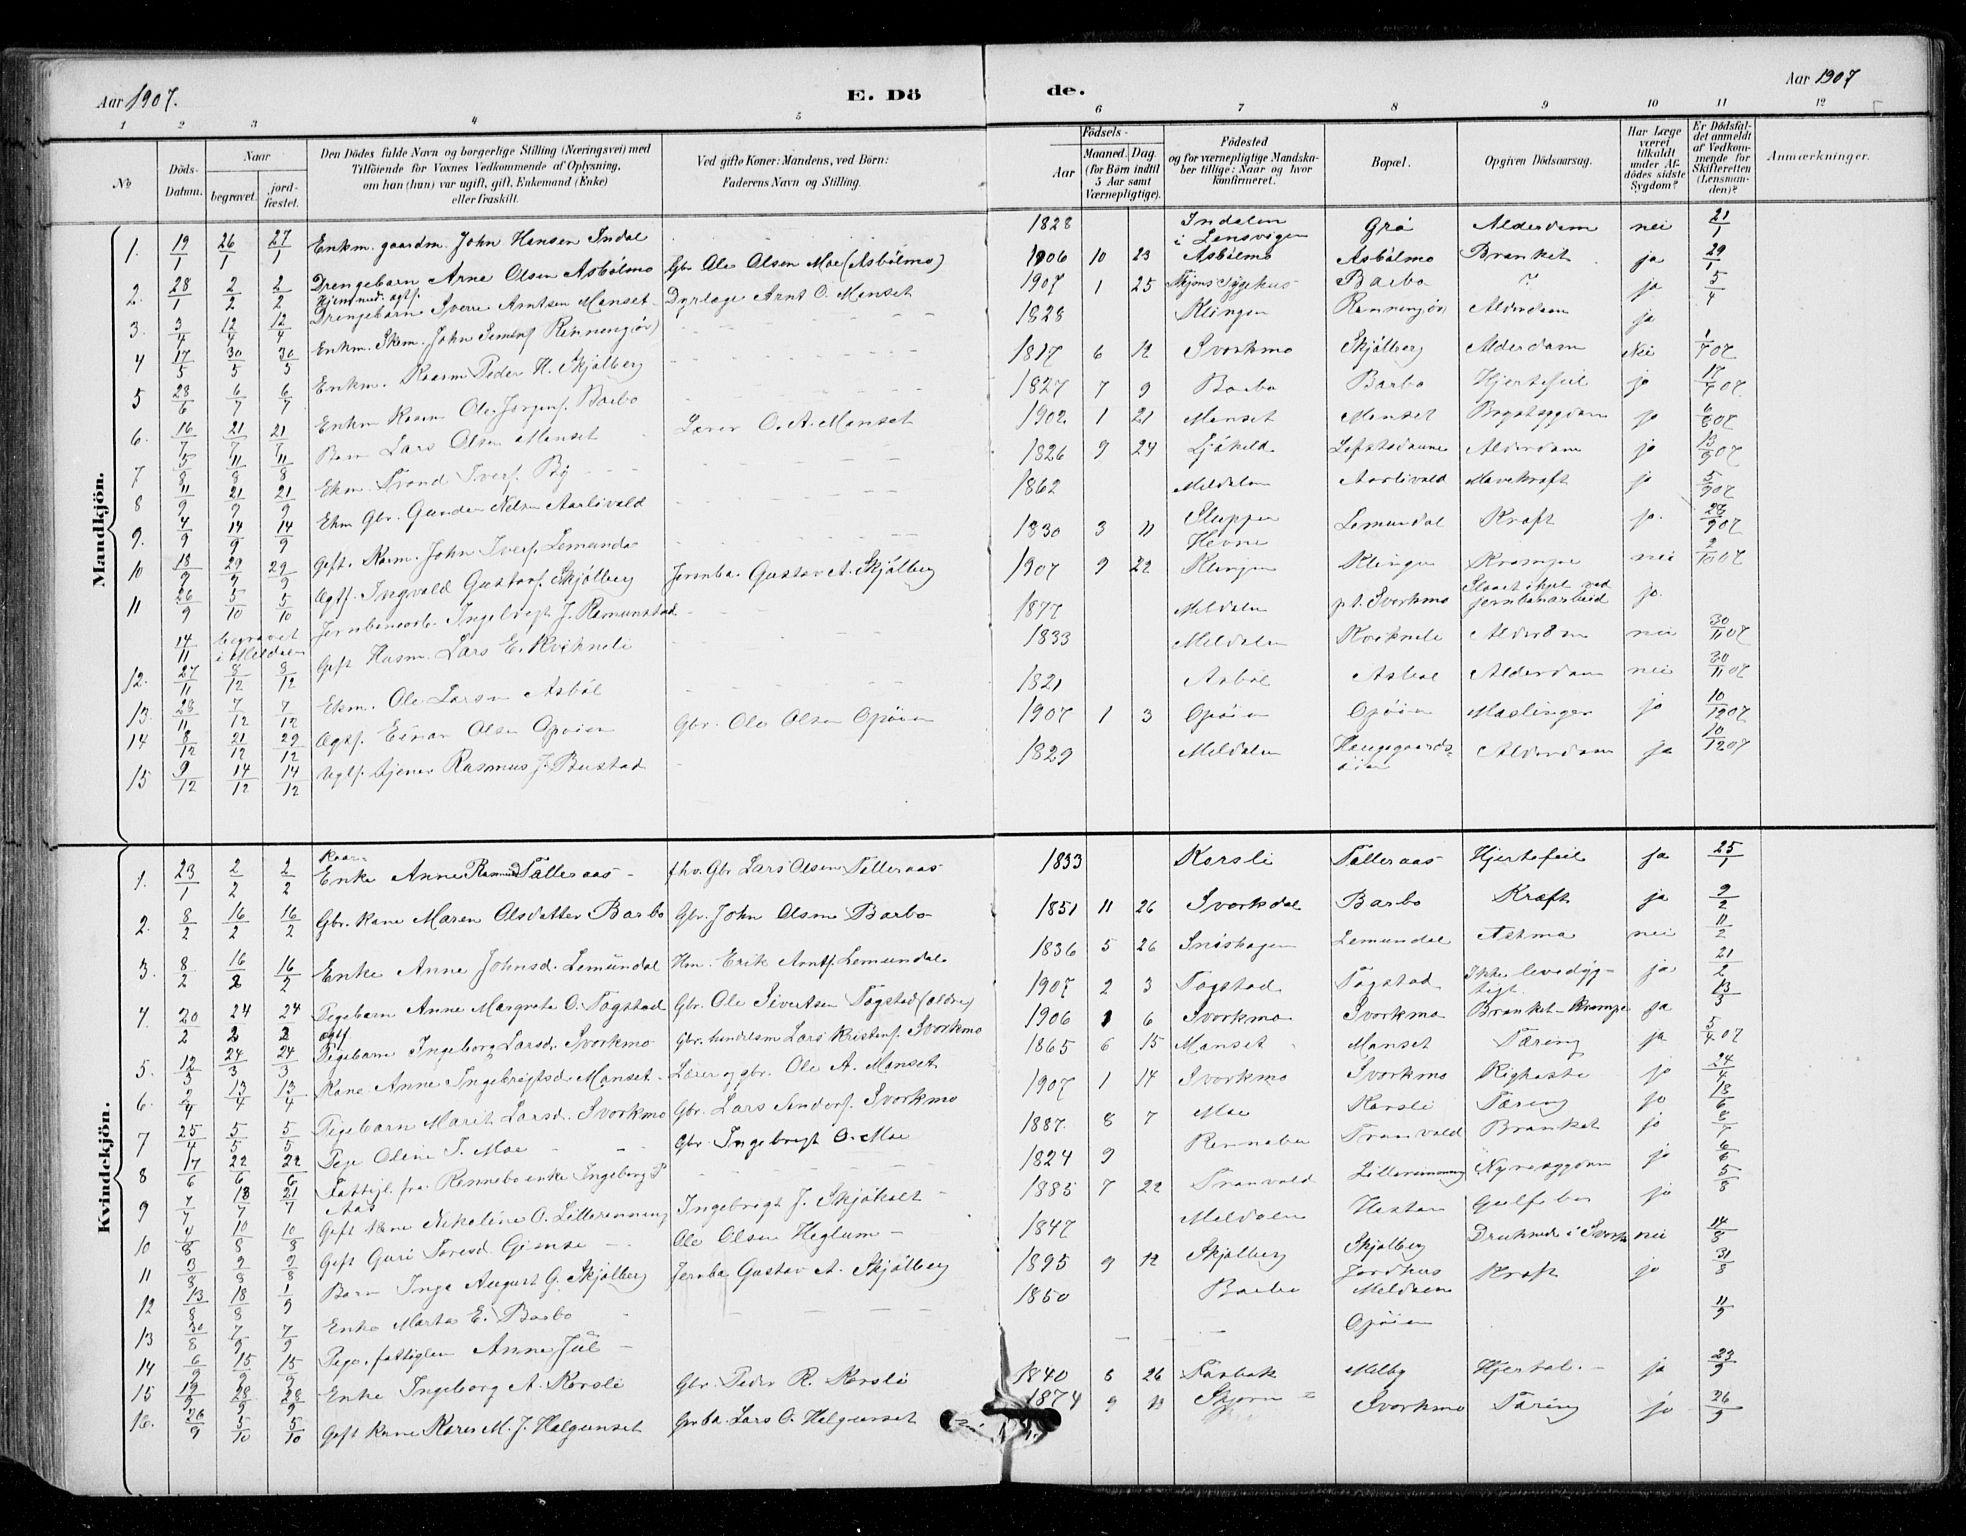 SAT, Ministerialprotokoller, klokkerbøker og fødselsregistre - Sør-Trøndelag, 671/L0841: Ministerialbok nr. 671A03, 1893-1915